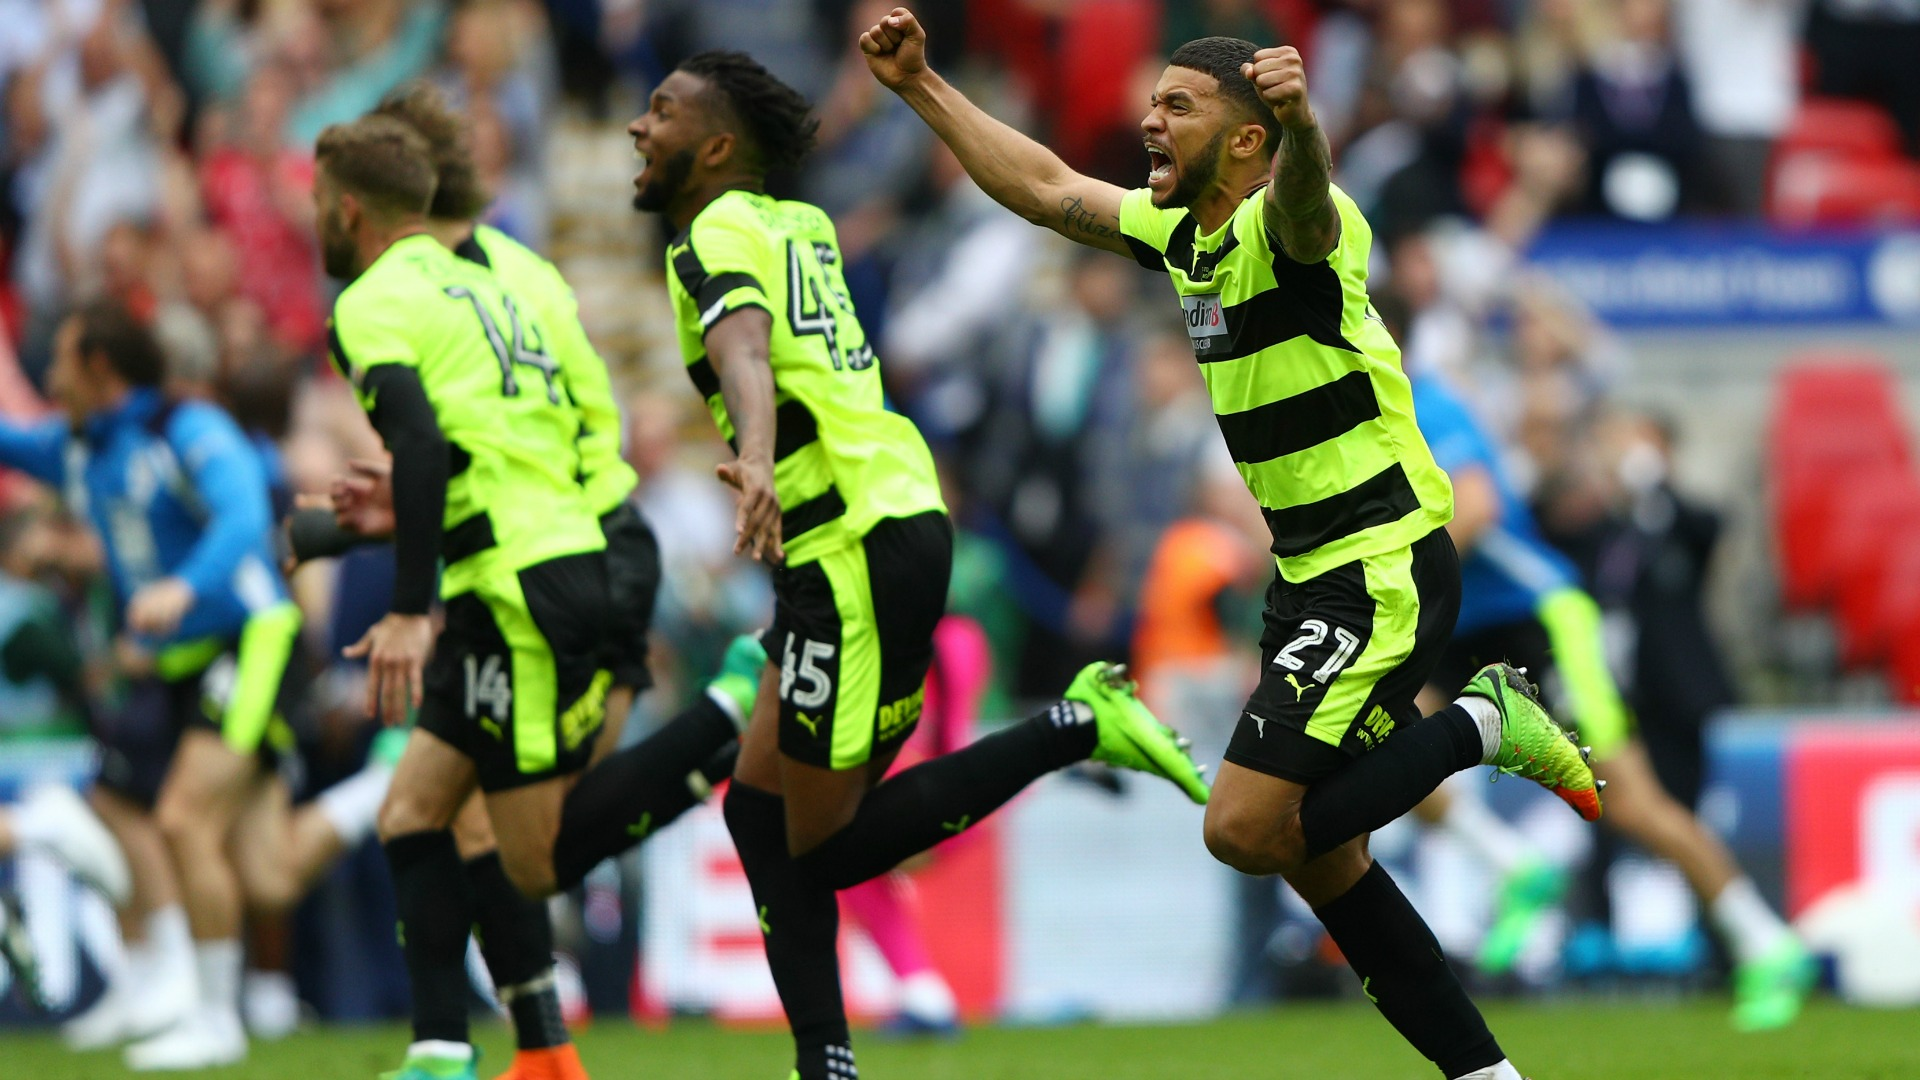 Huddersfield Reading Final